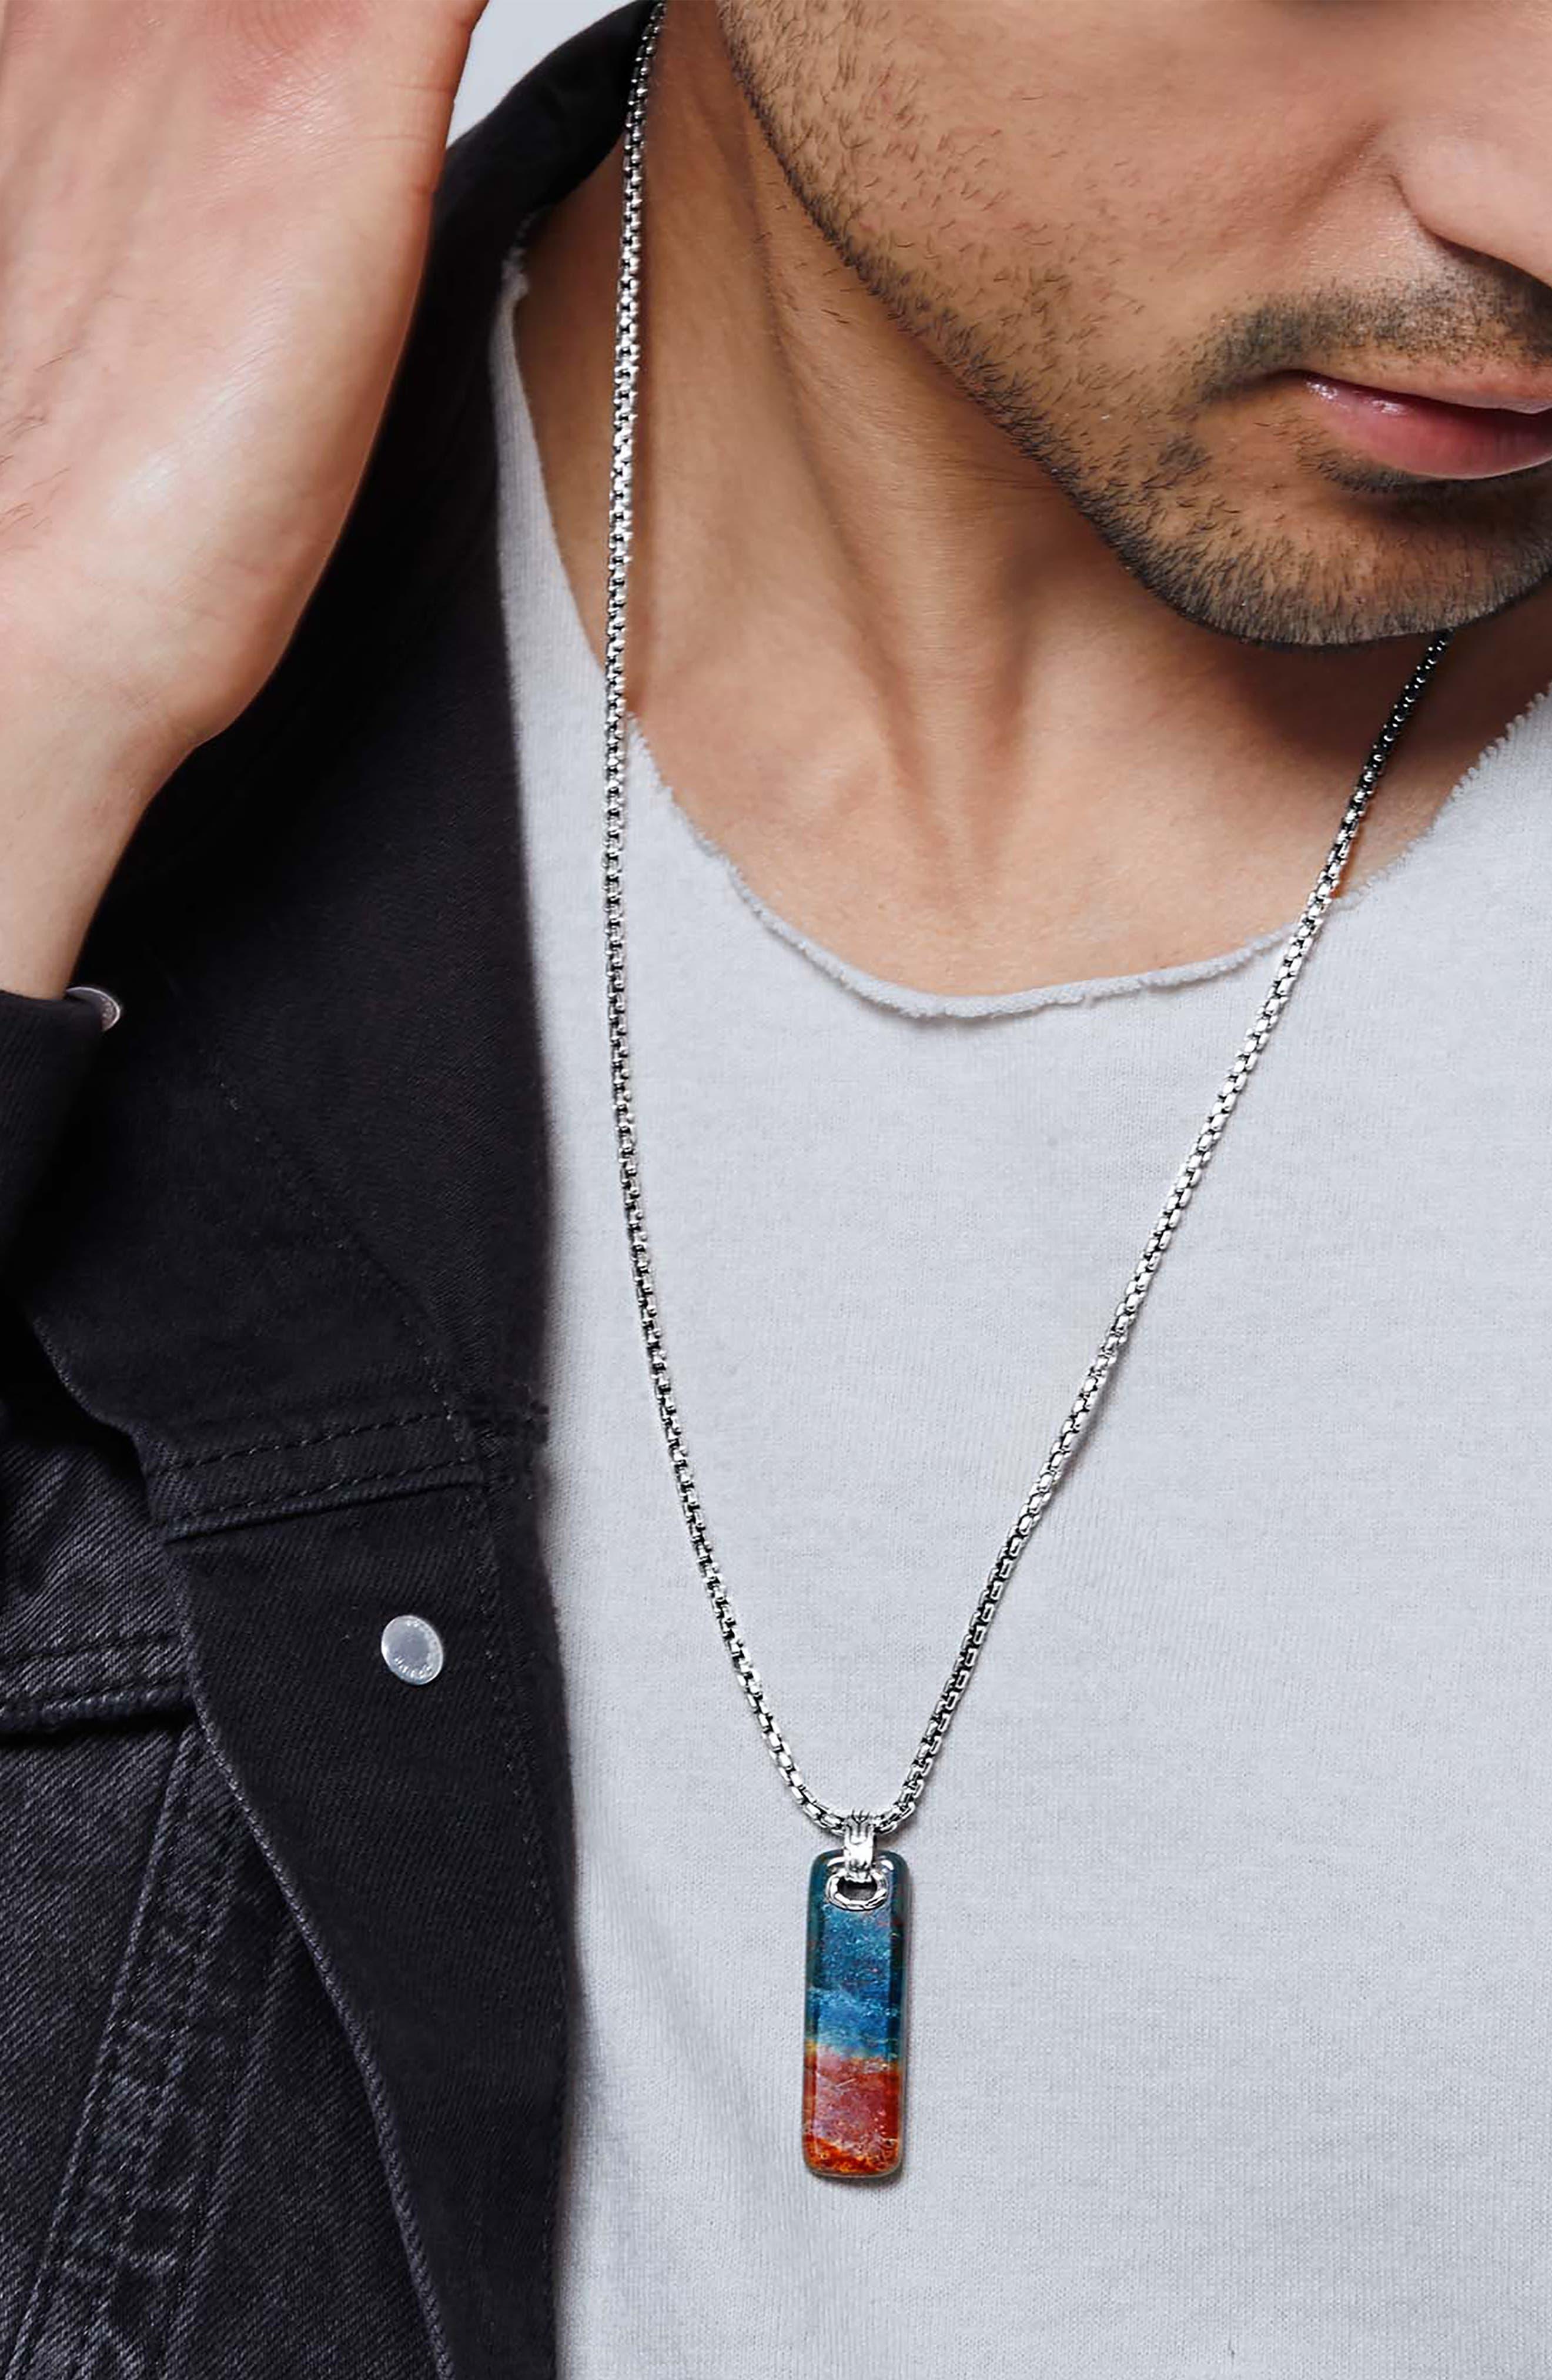 Men's Classic Chain Pendant Necklace,                             Alternate thumbnail 2, color,                             SILVER/ DRAGON BLOOD JASPER